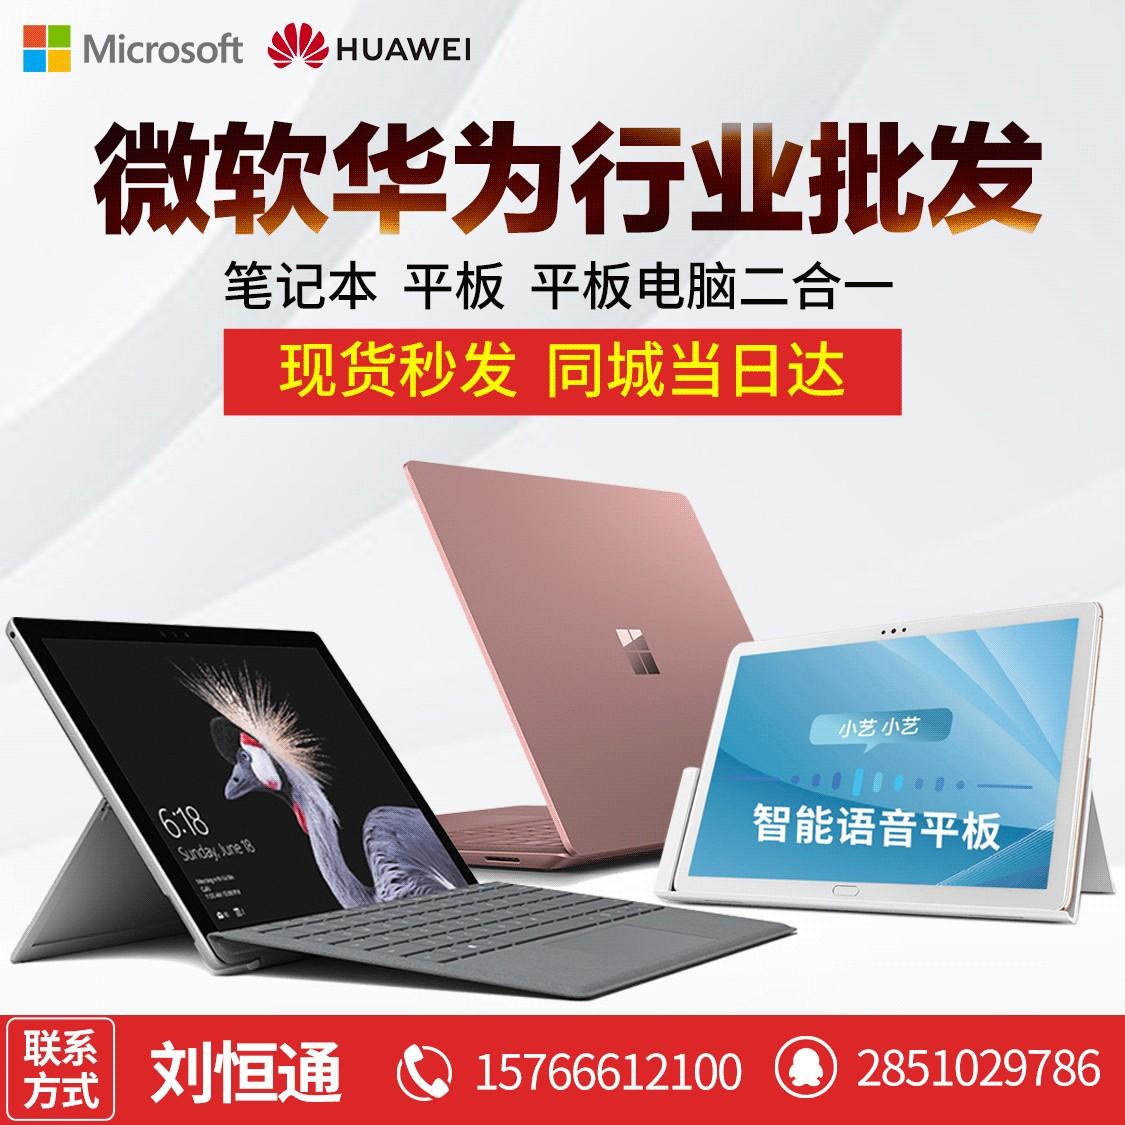 微软华为行业批发